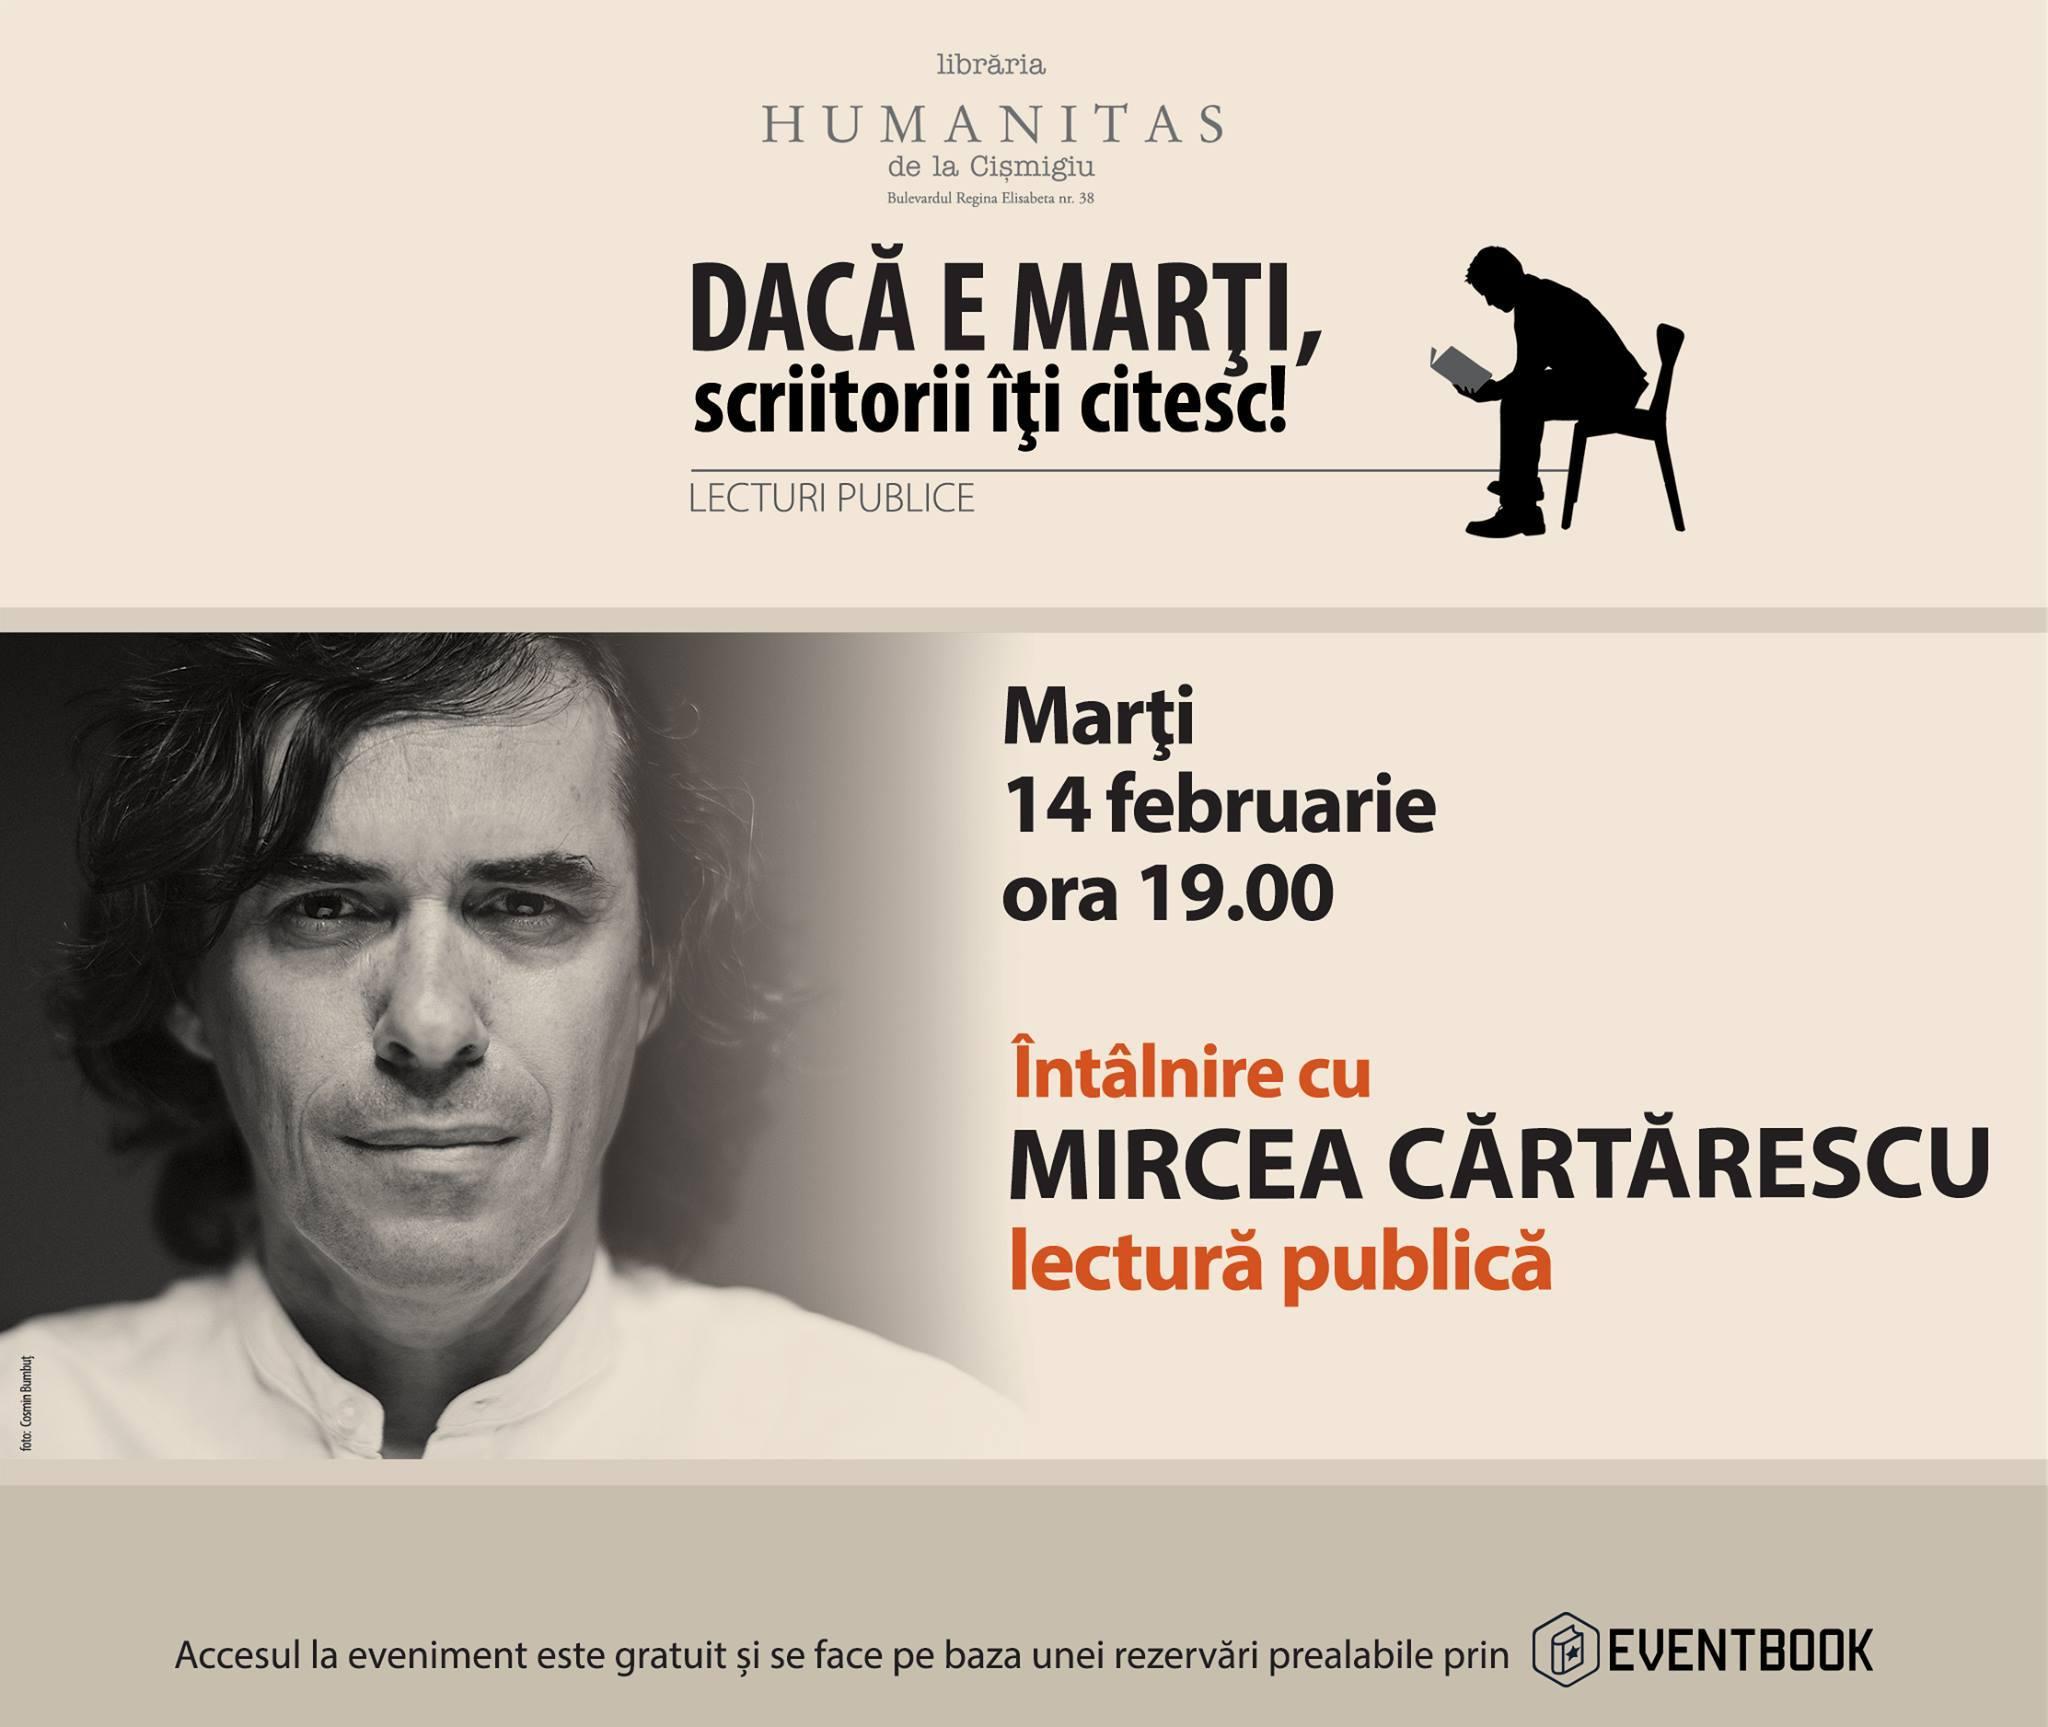 Mircea Cărtărescu, lectură publică la Humanitas Cişmigiu